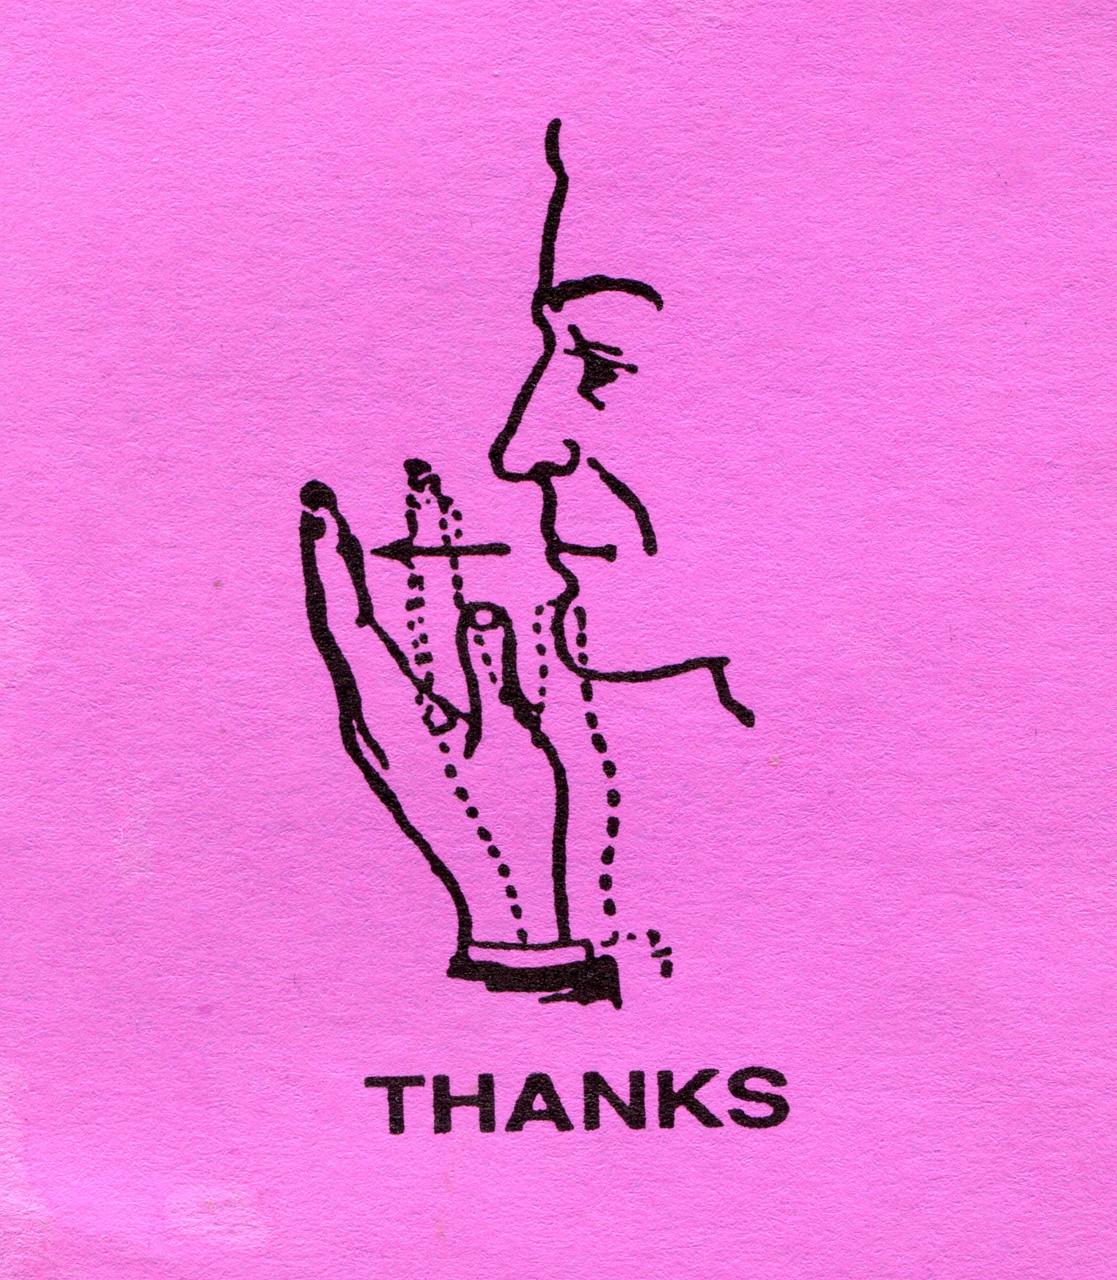 nevver: Thanks